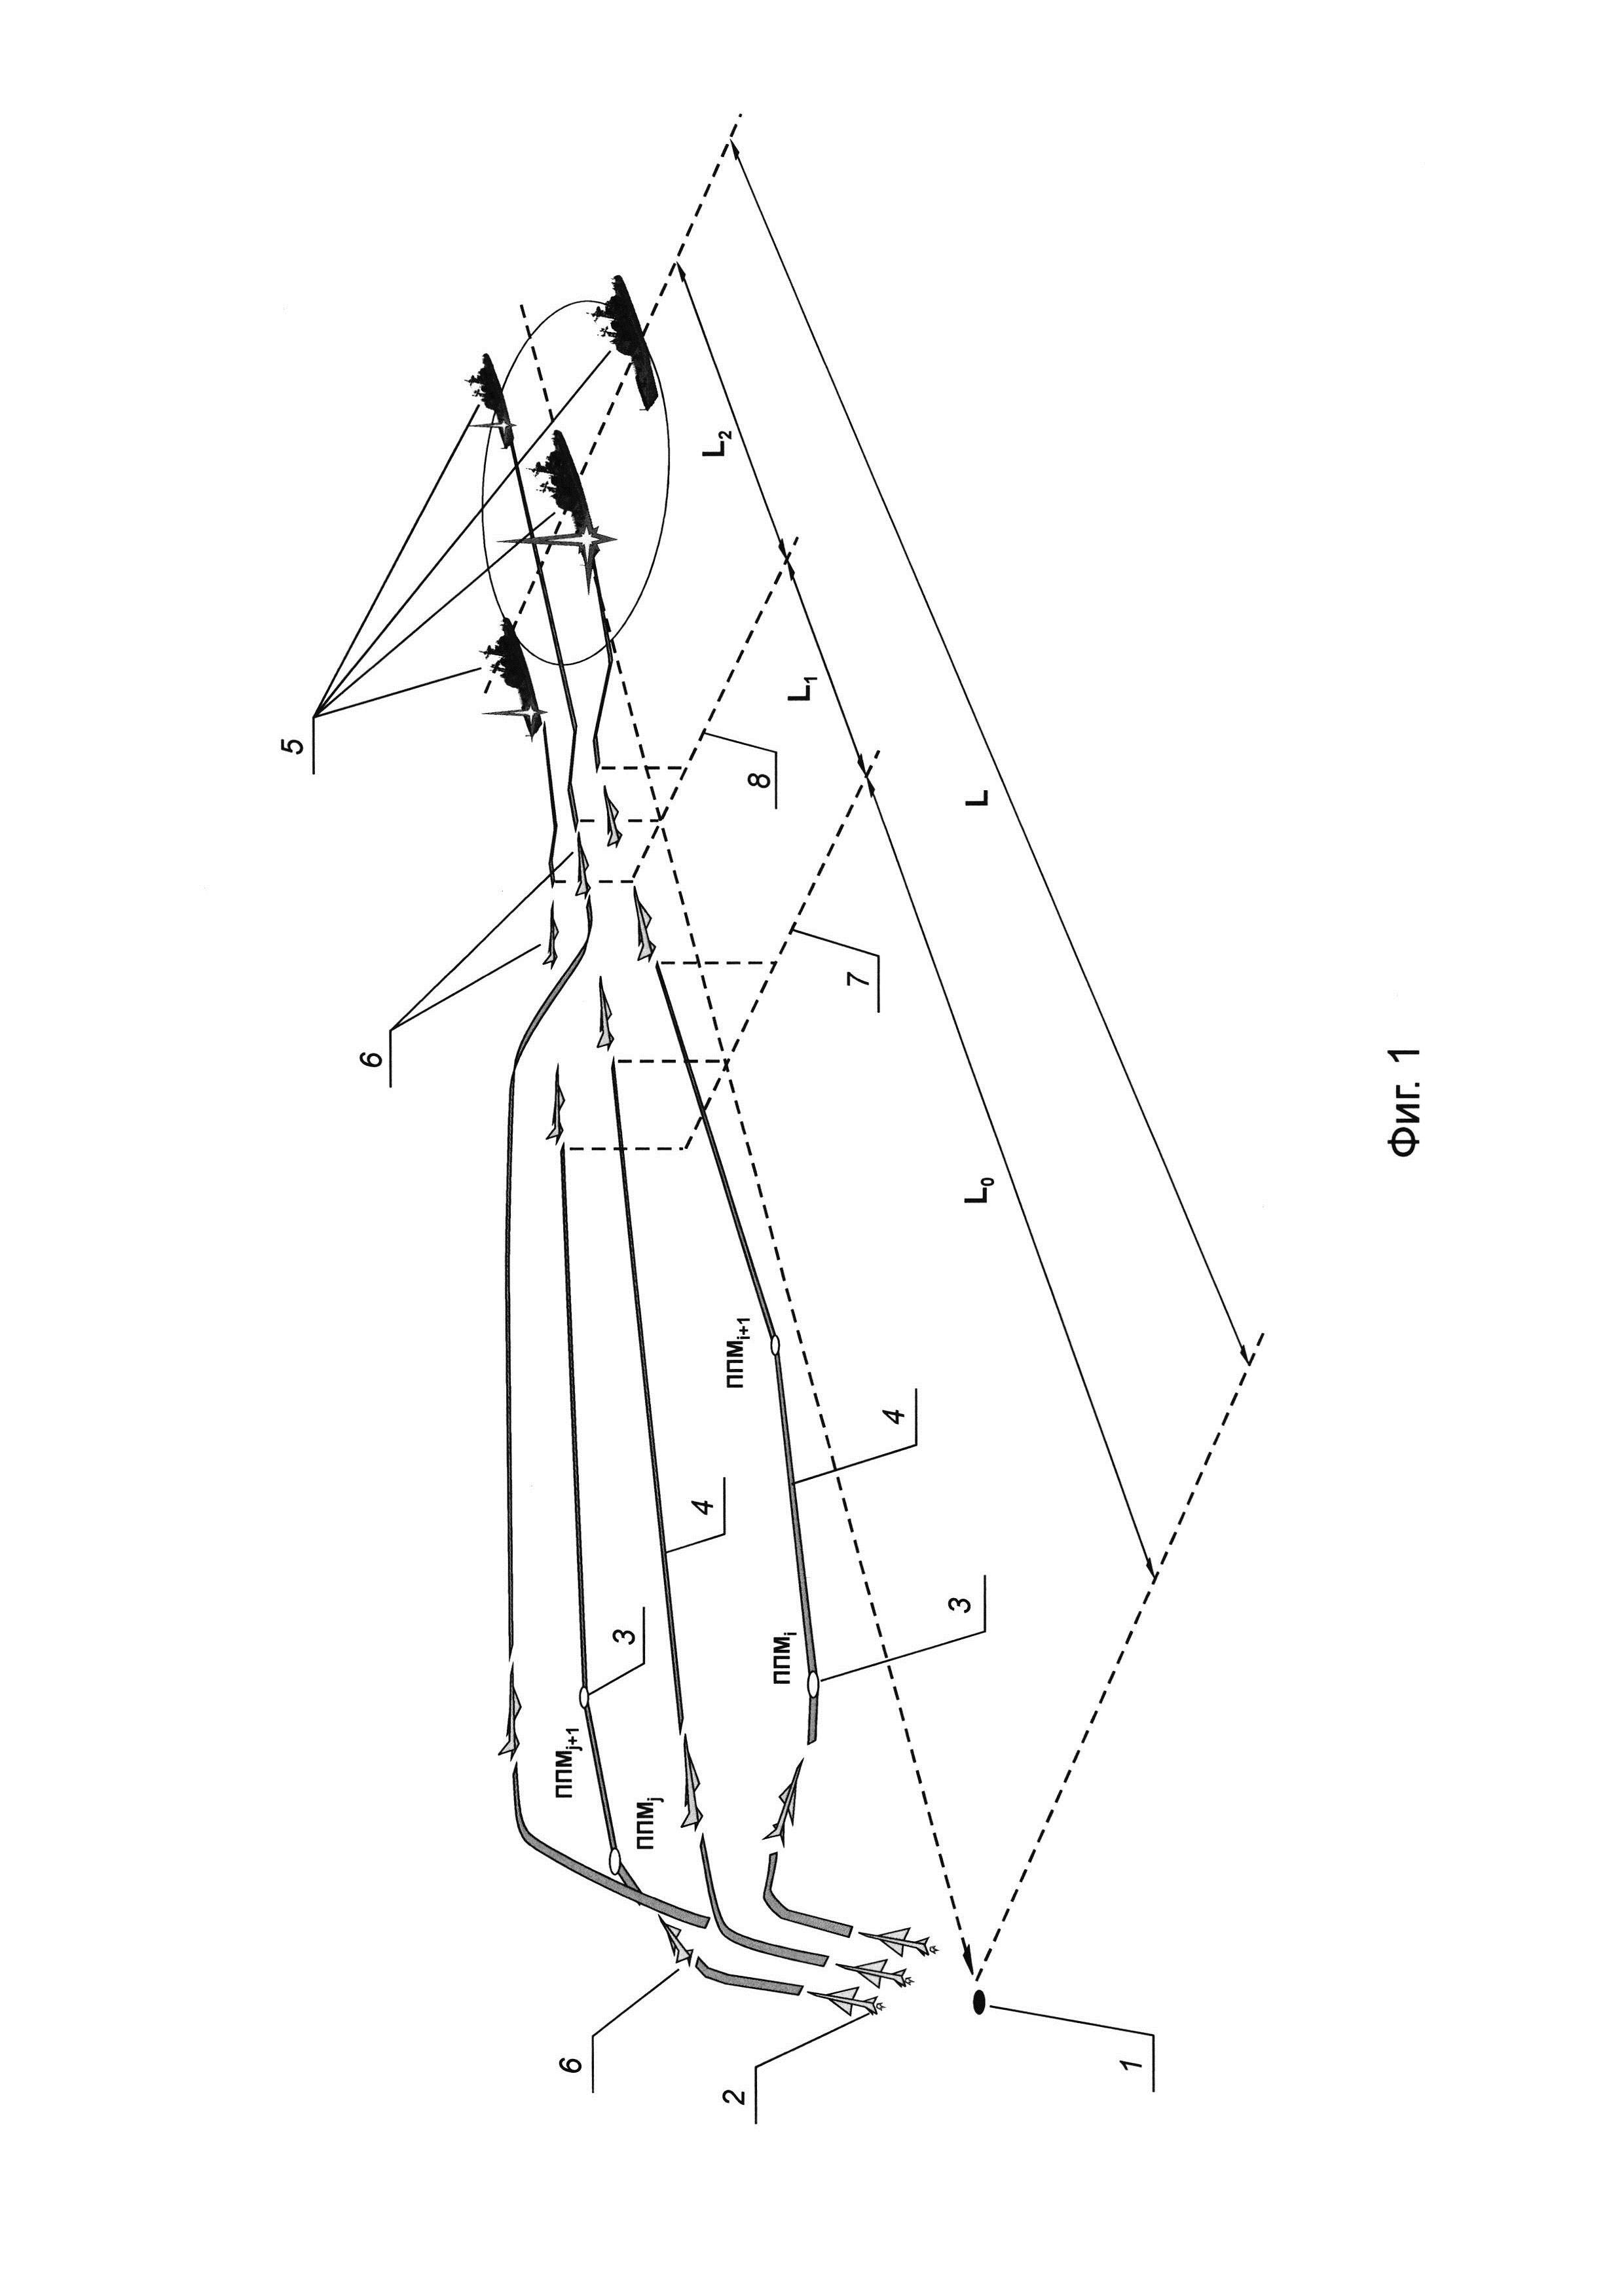 Способ поражения цели залпом атмосферных летательных аппаратов